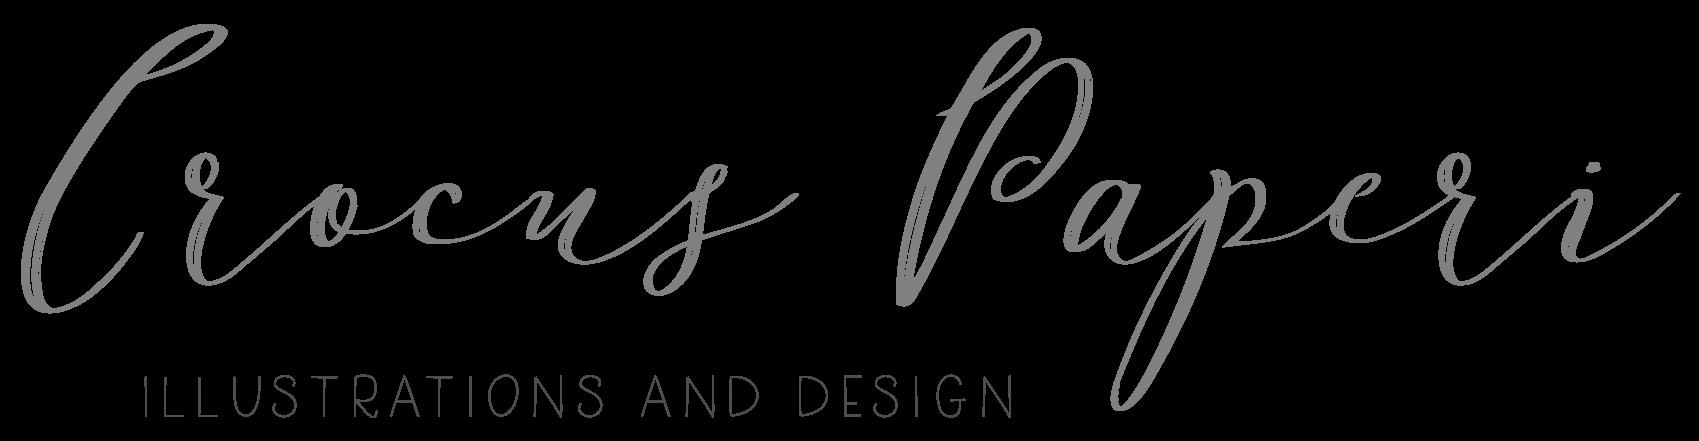 Crocus Paperi logo